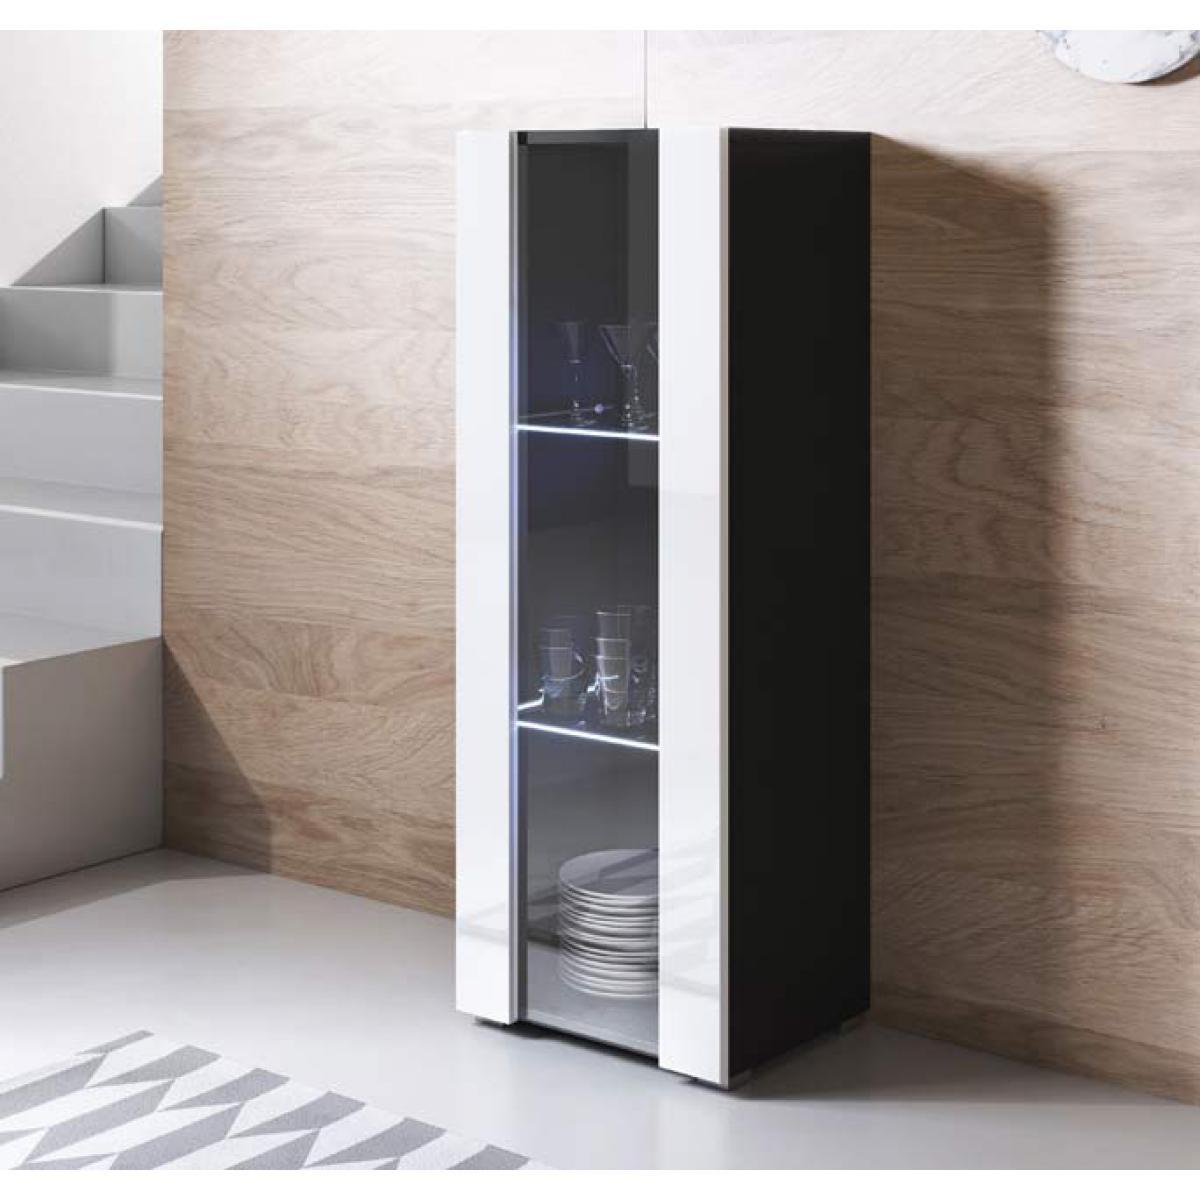 Design Ameublement Vitrine modèle Luke V2 (40x128cm) couleur noir et blanc avec pieds standard